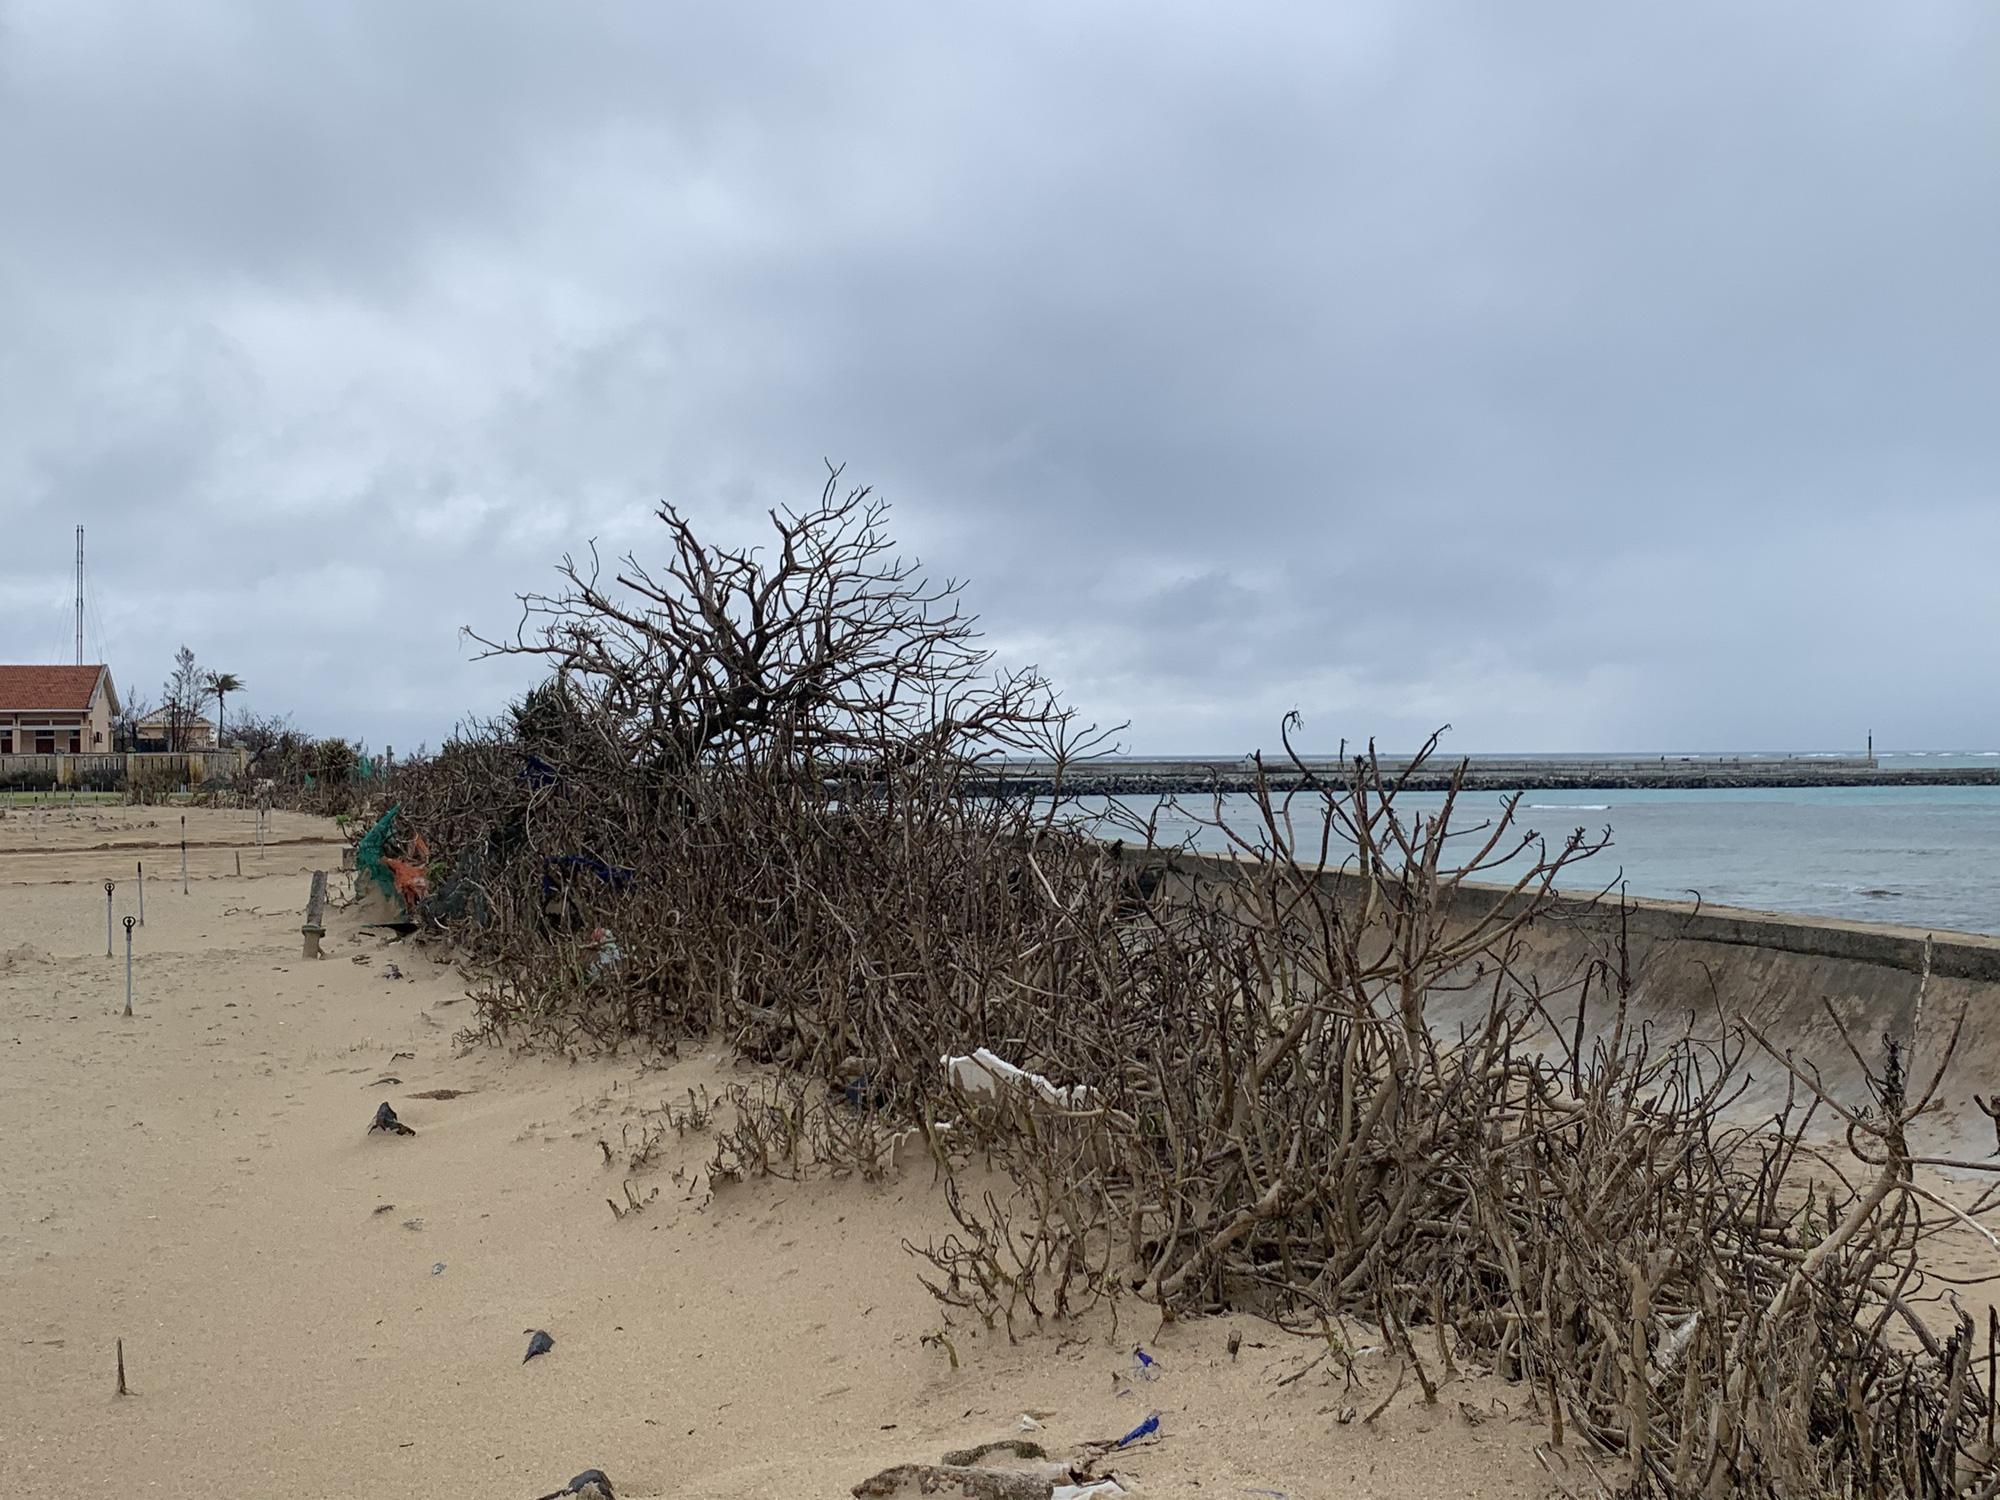 Hàng chục ngàn cây xanh trên đảo Lý Sơn bị bão vặt trụi lá  - Ảnh 5.